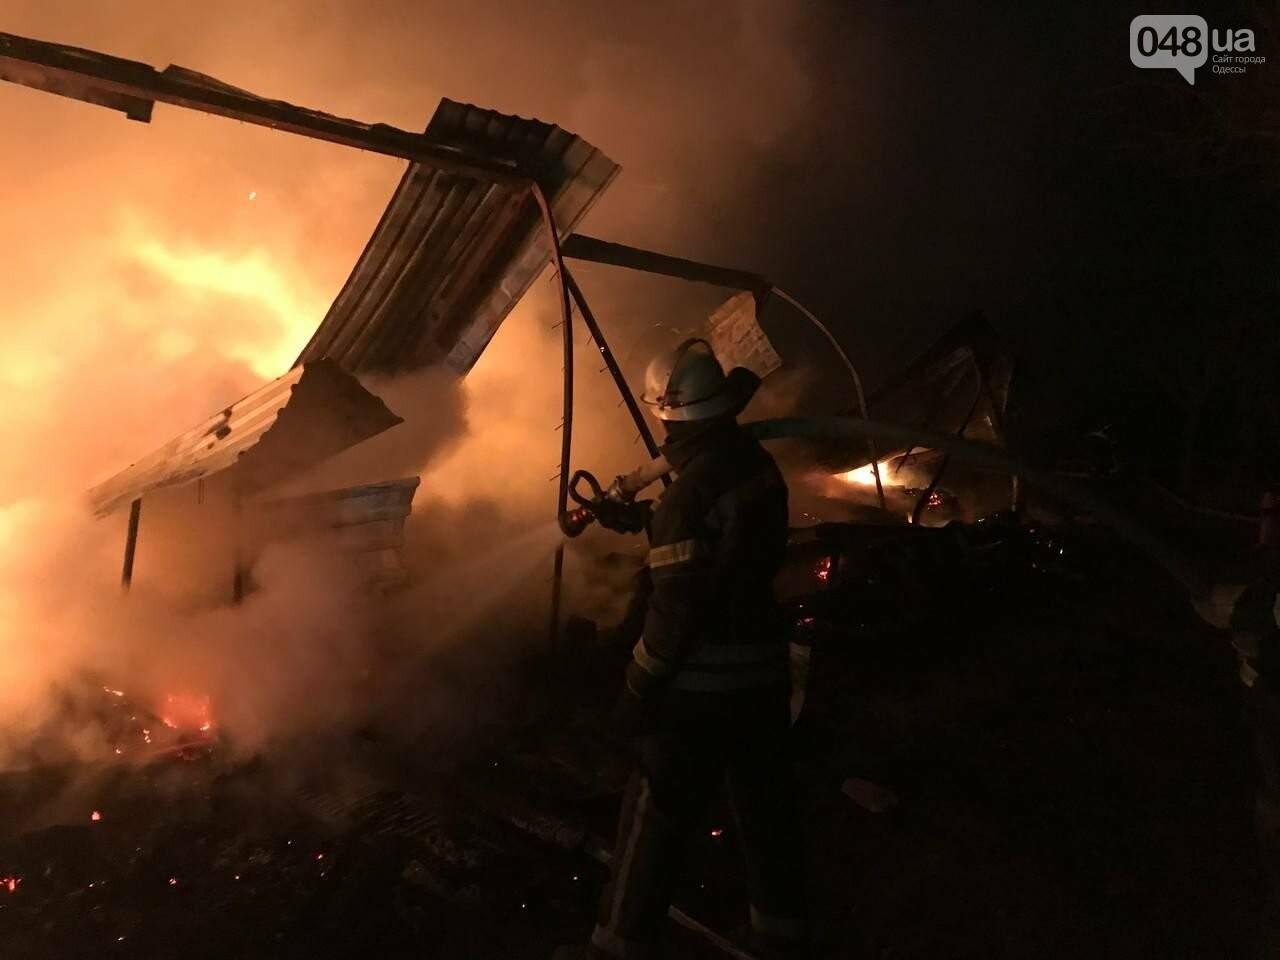 Пожар на базе отдыха в Одесской области.2